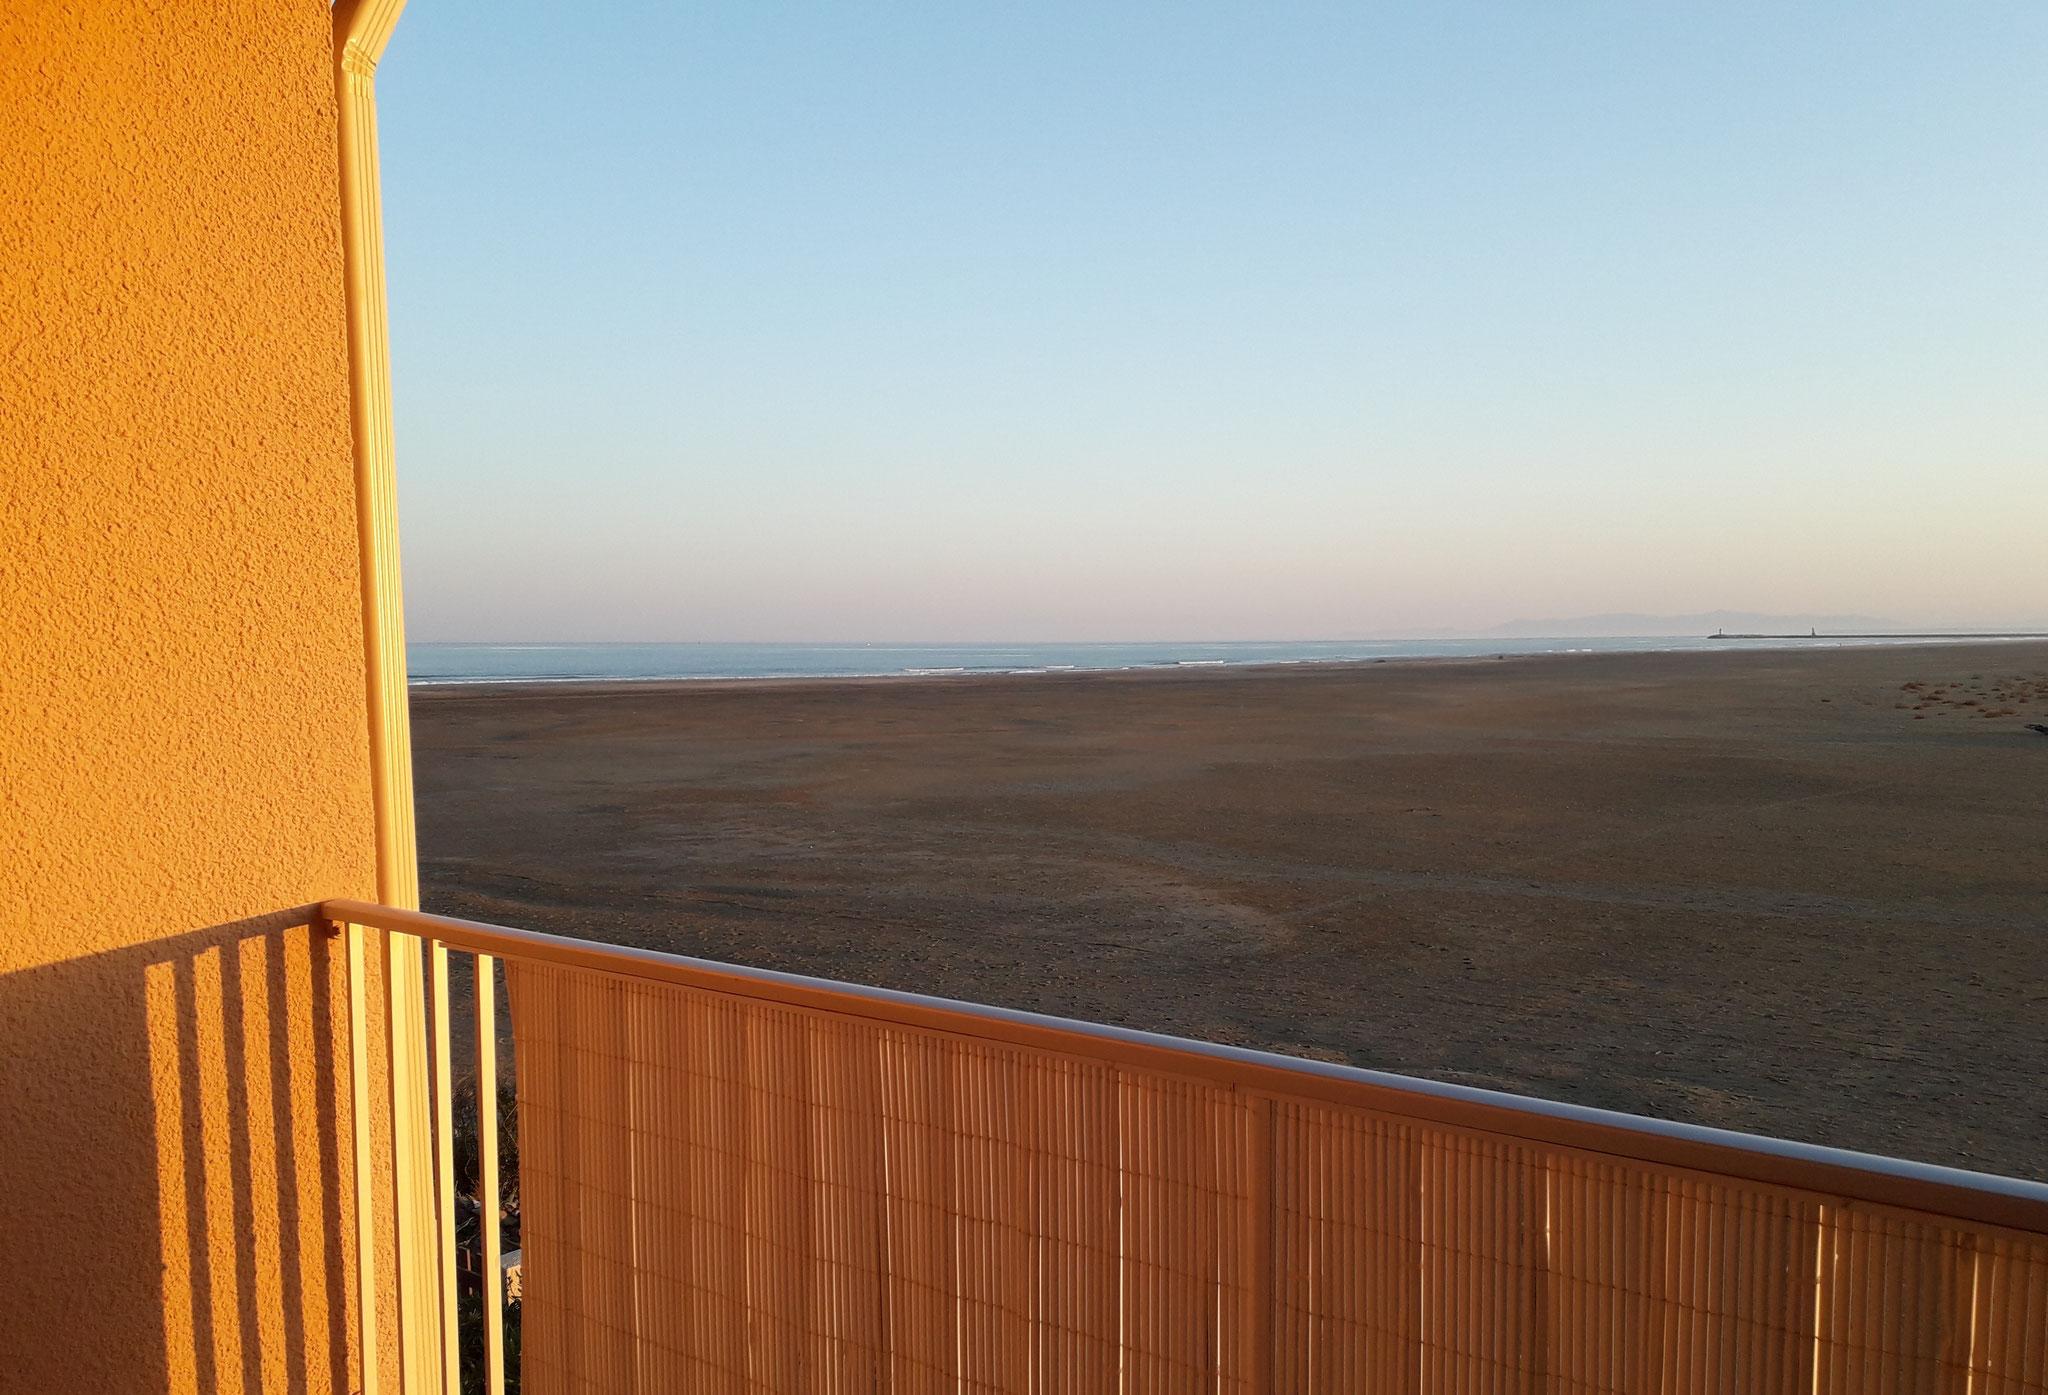 Meerblick vom Balkon - Abendsonne